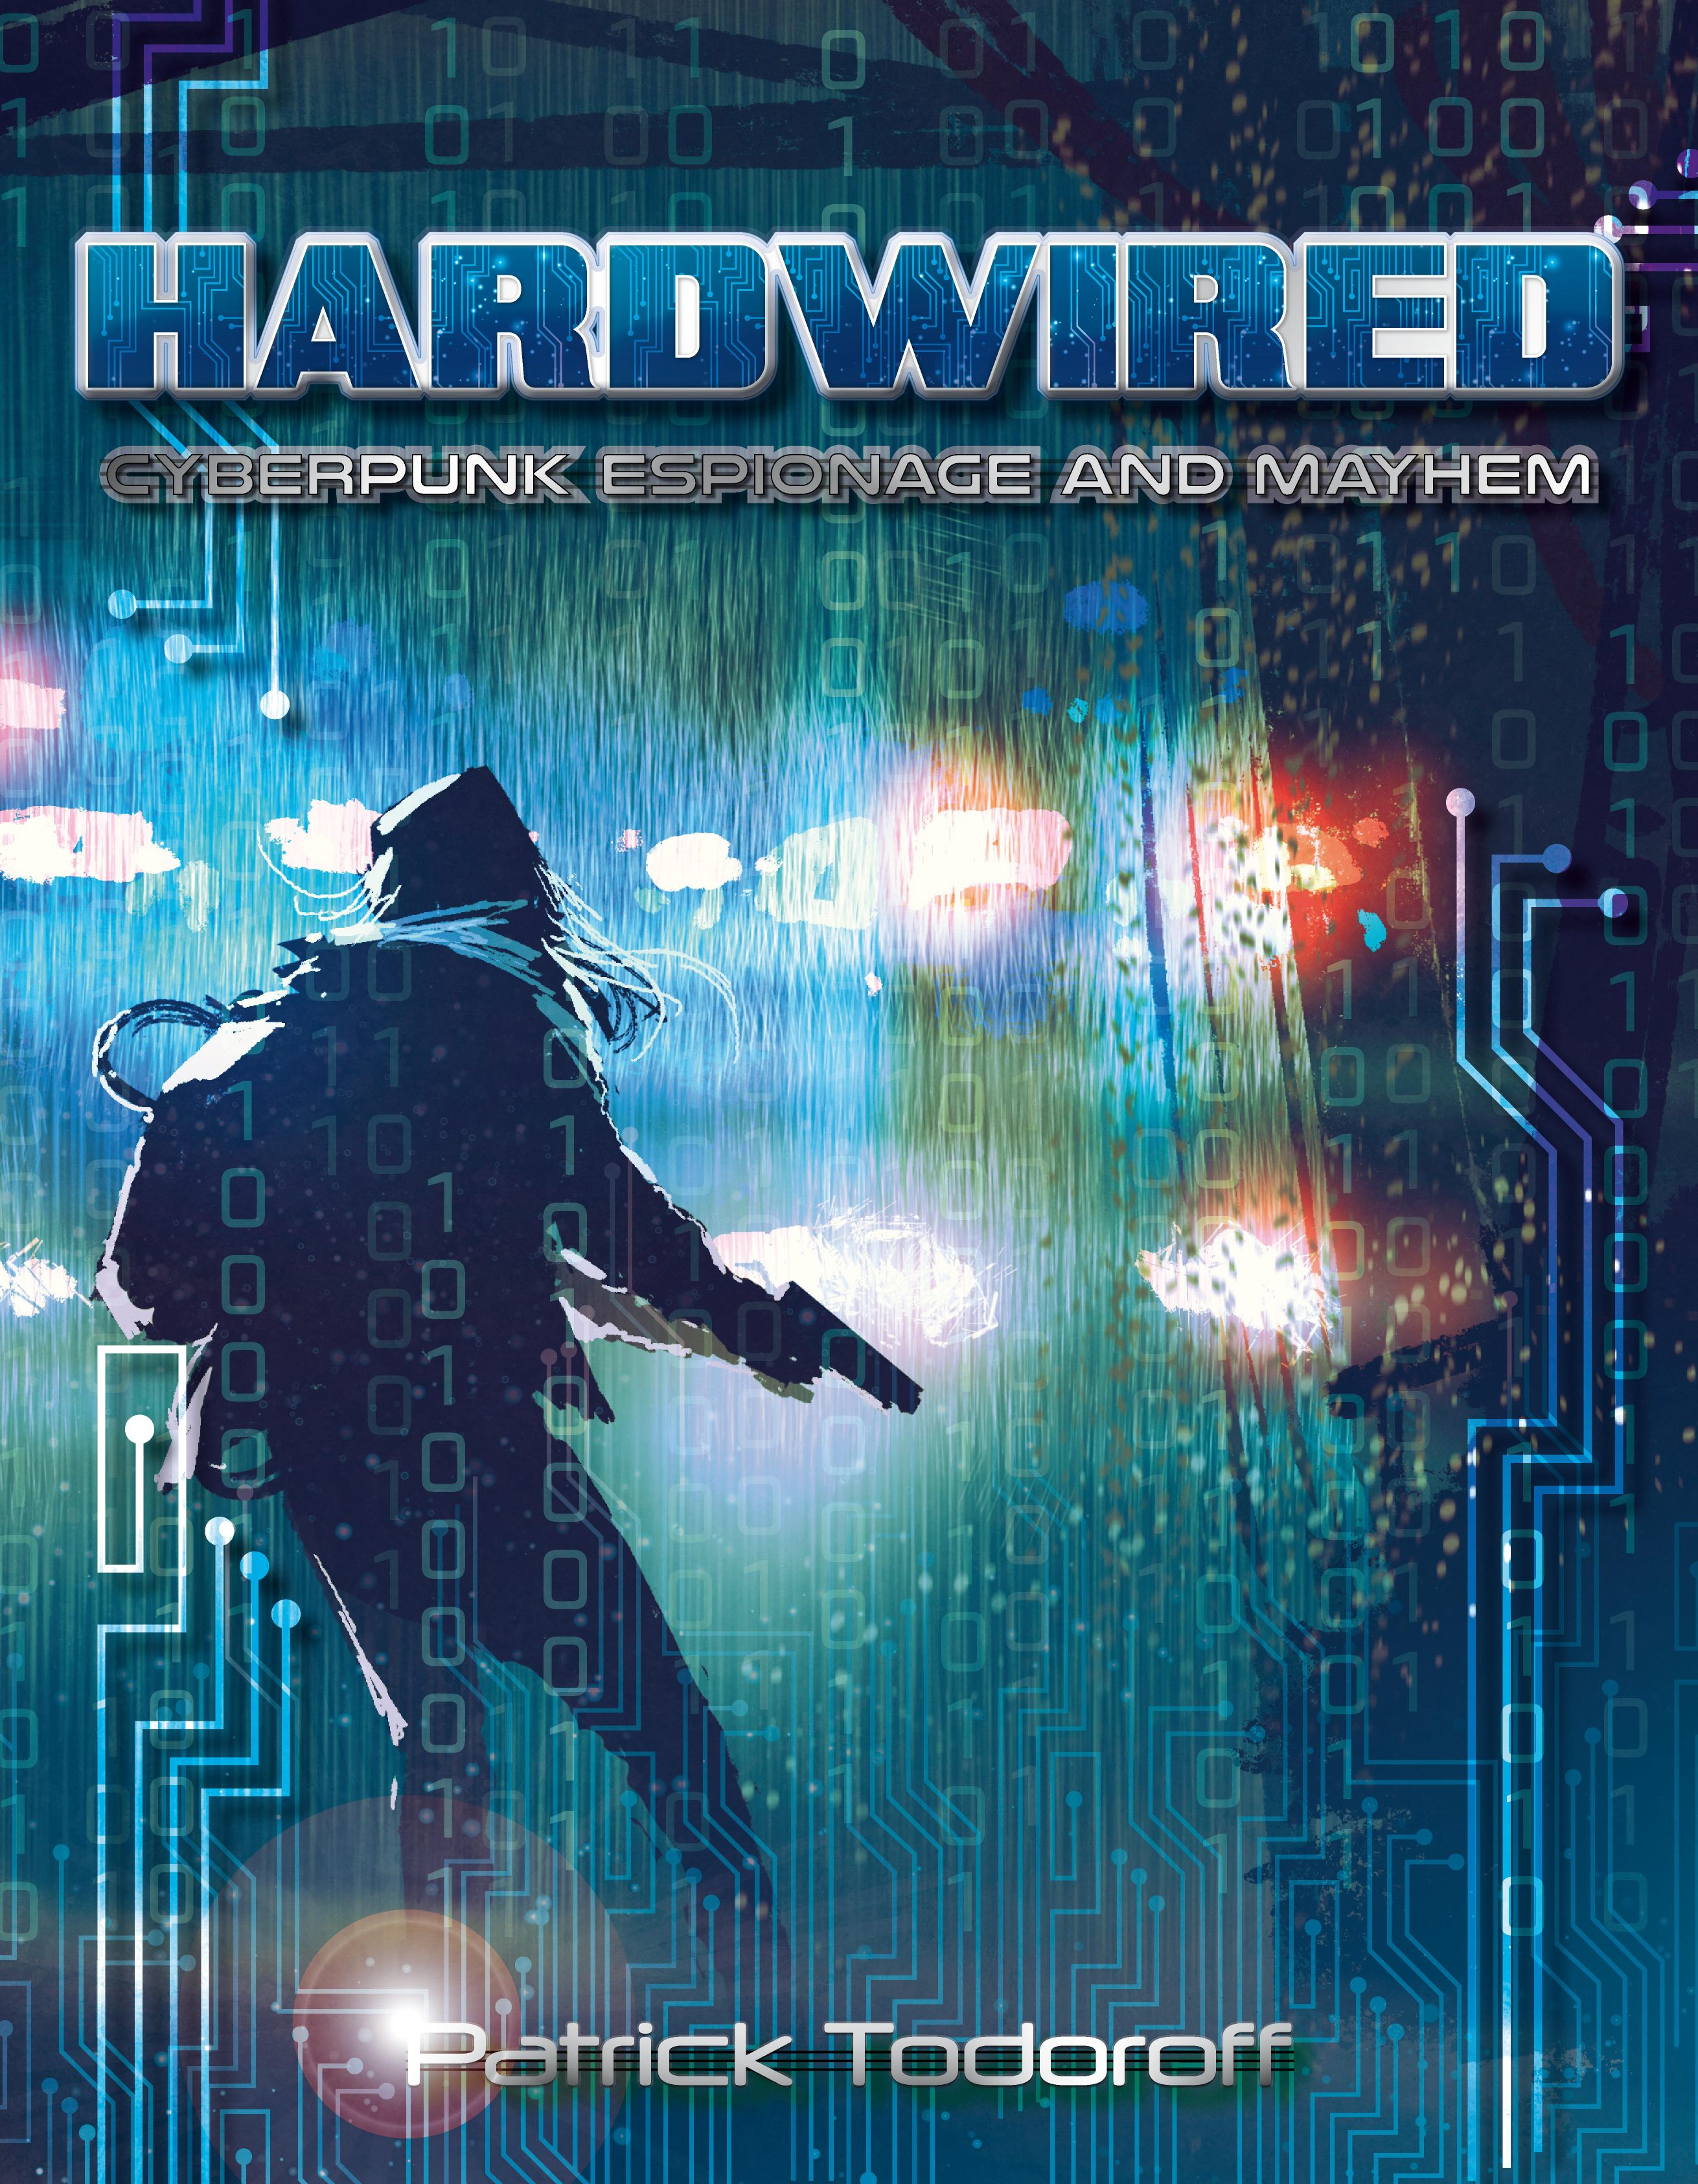 Hardwired: a Co-Op/Solo Cyberpunk game – STALKER7